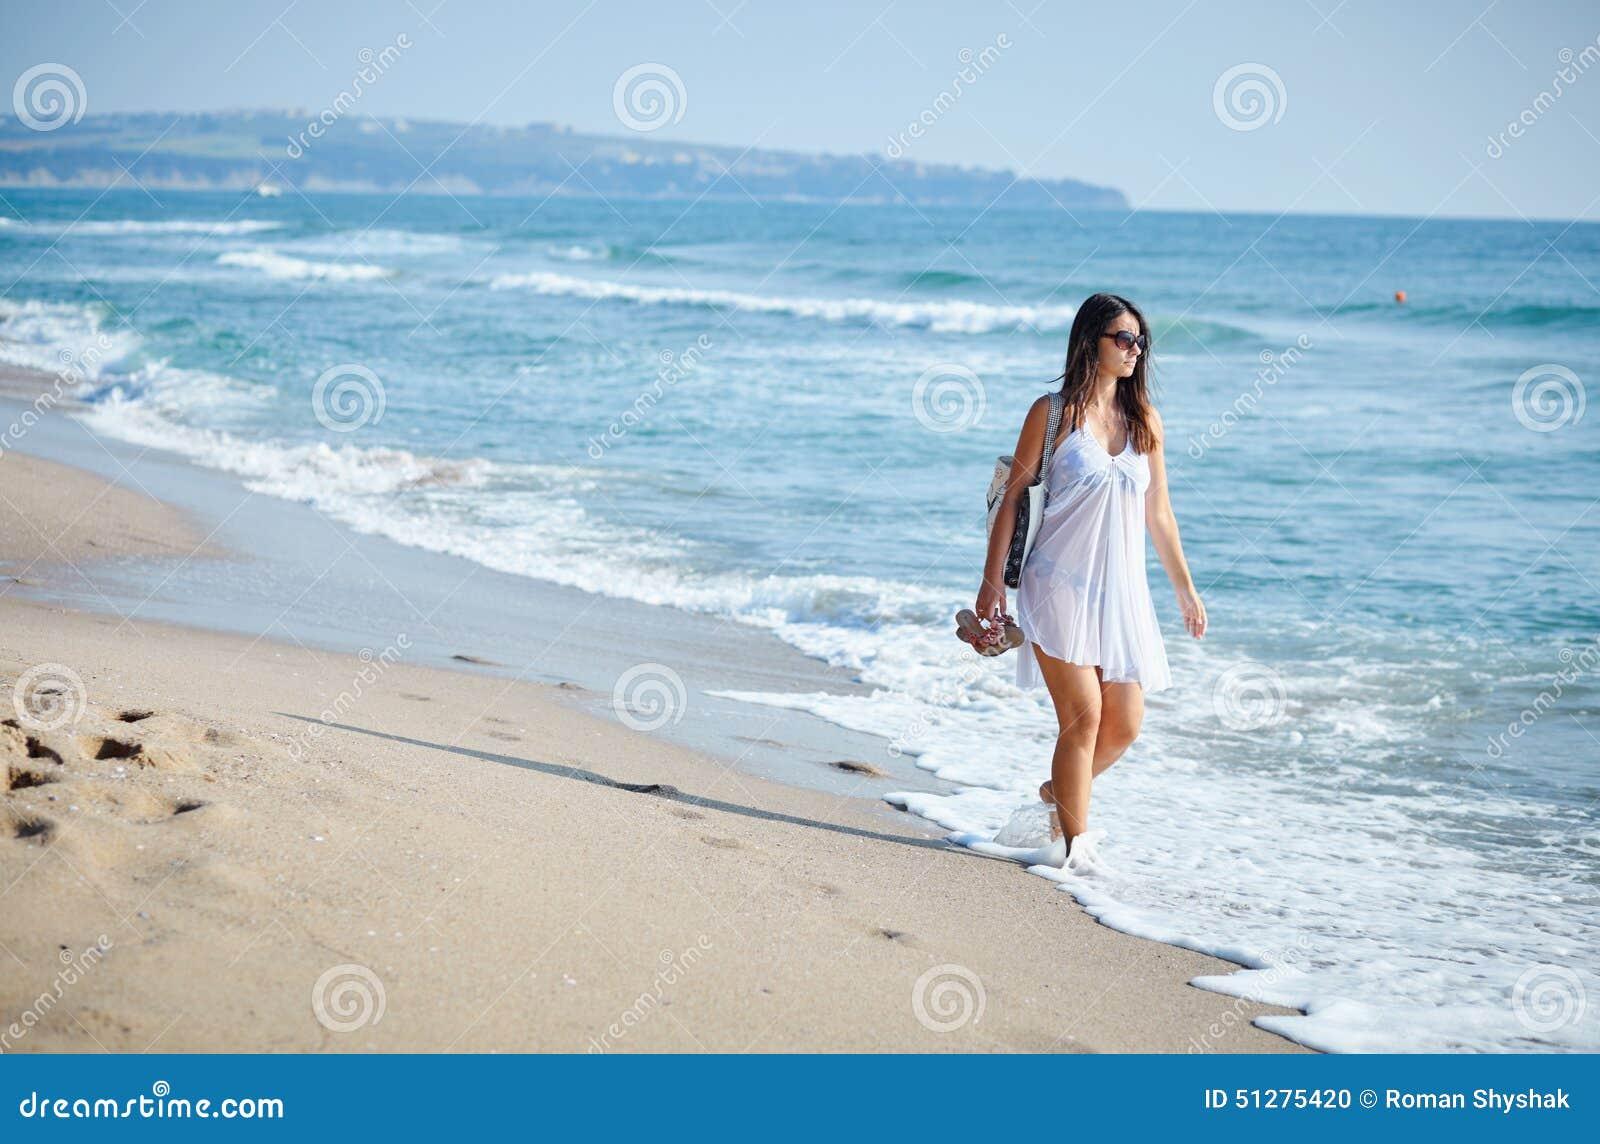 Beautiful Woman Walking On A Beach Stock Photo - Image of ...